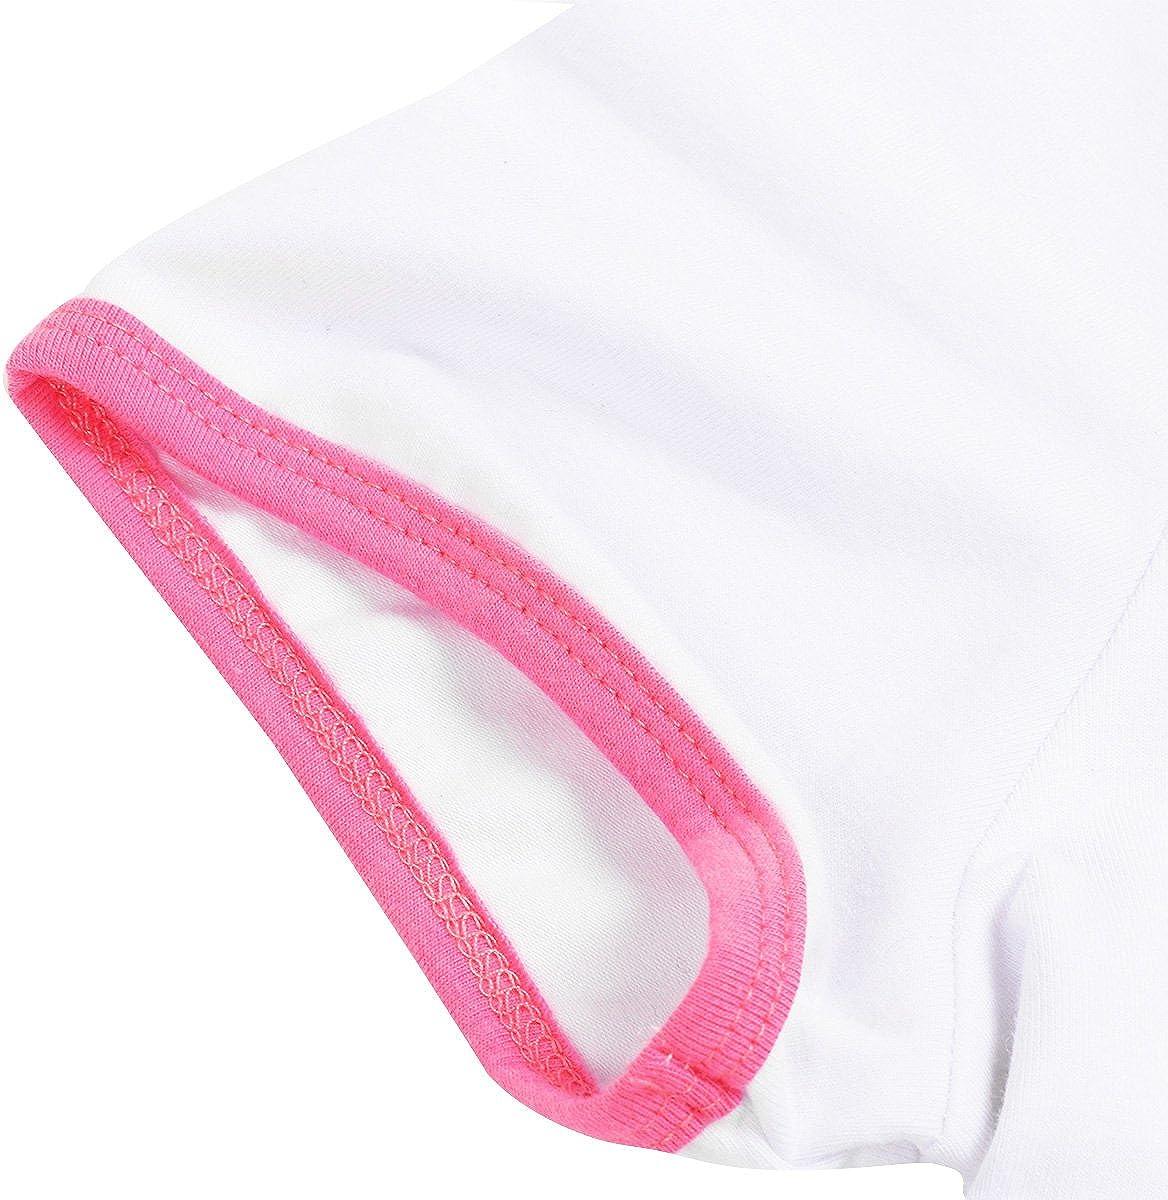 Agoky Femme Body T-Shirt Couches Amateur ABDL Combinaison /à Manche Courte Barboteuse Justaucorps Lingerie de Nuit Bodysuit Nuisette Babydoll Cosplay Costume